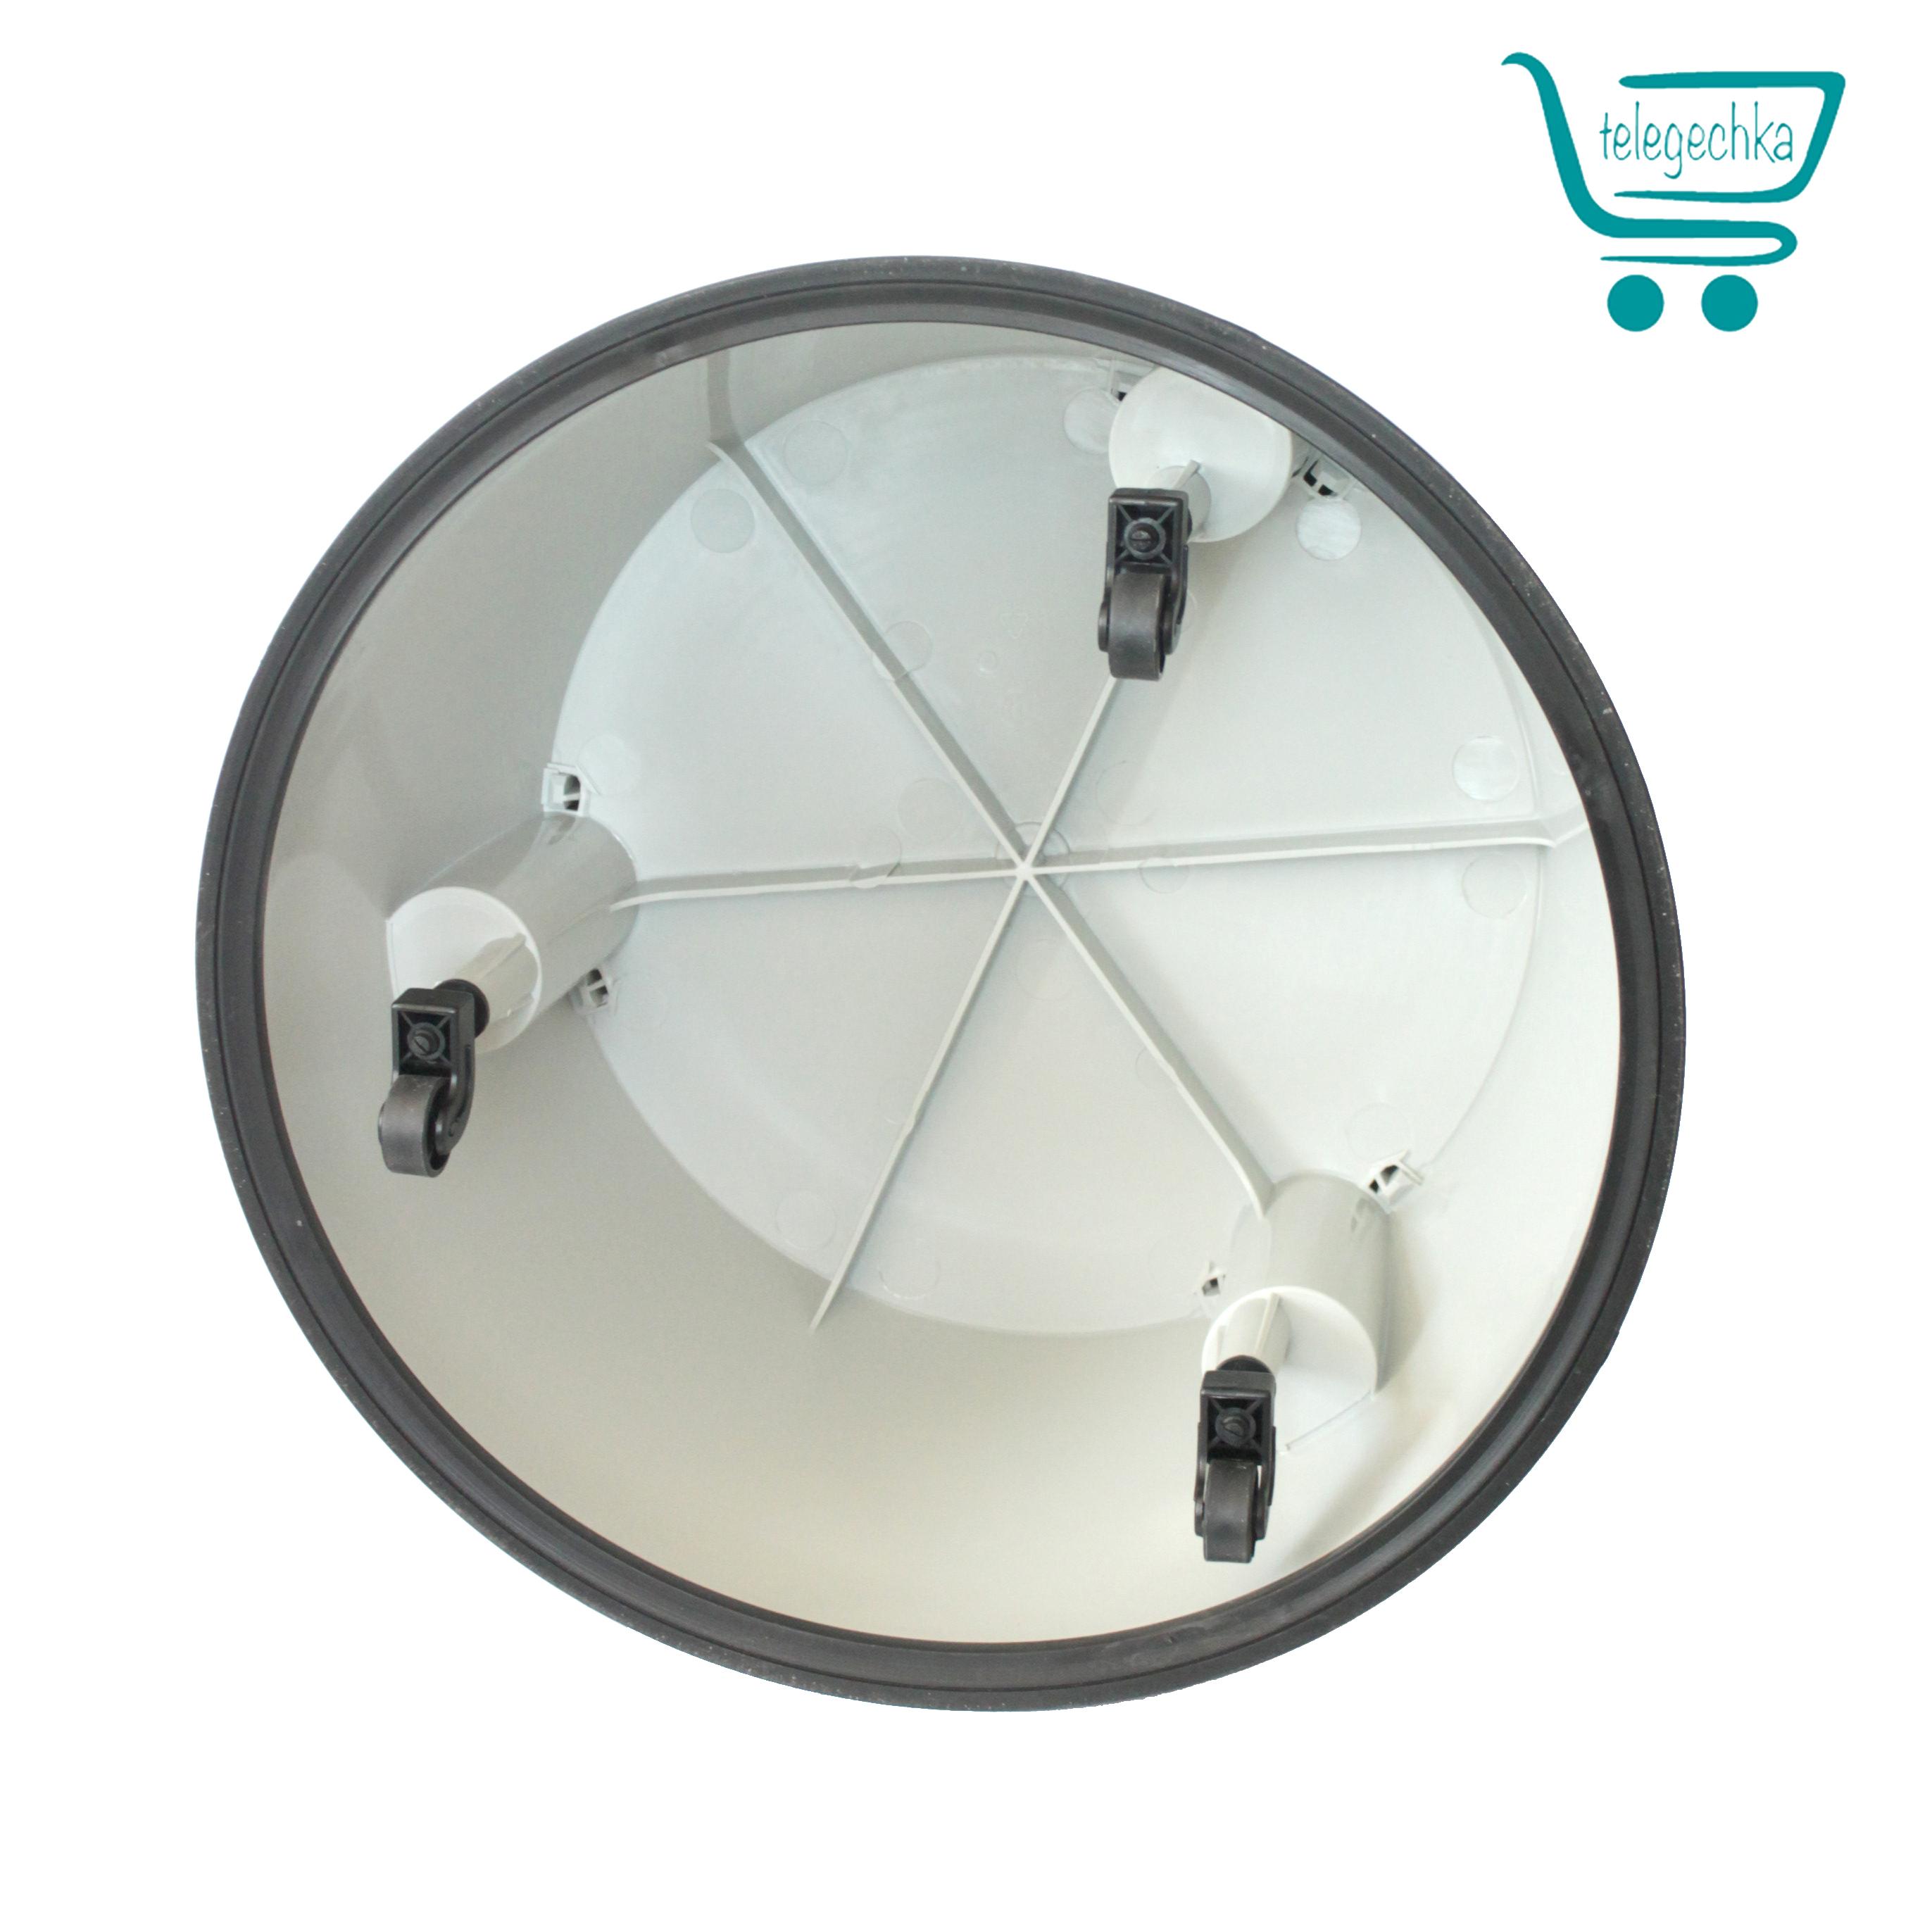 Пластиковая подставка на колесах для выкладки товара Stand 2